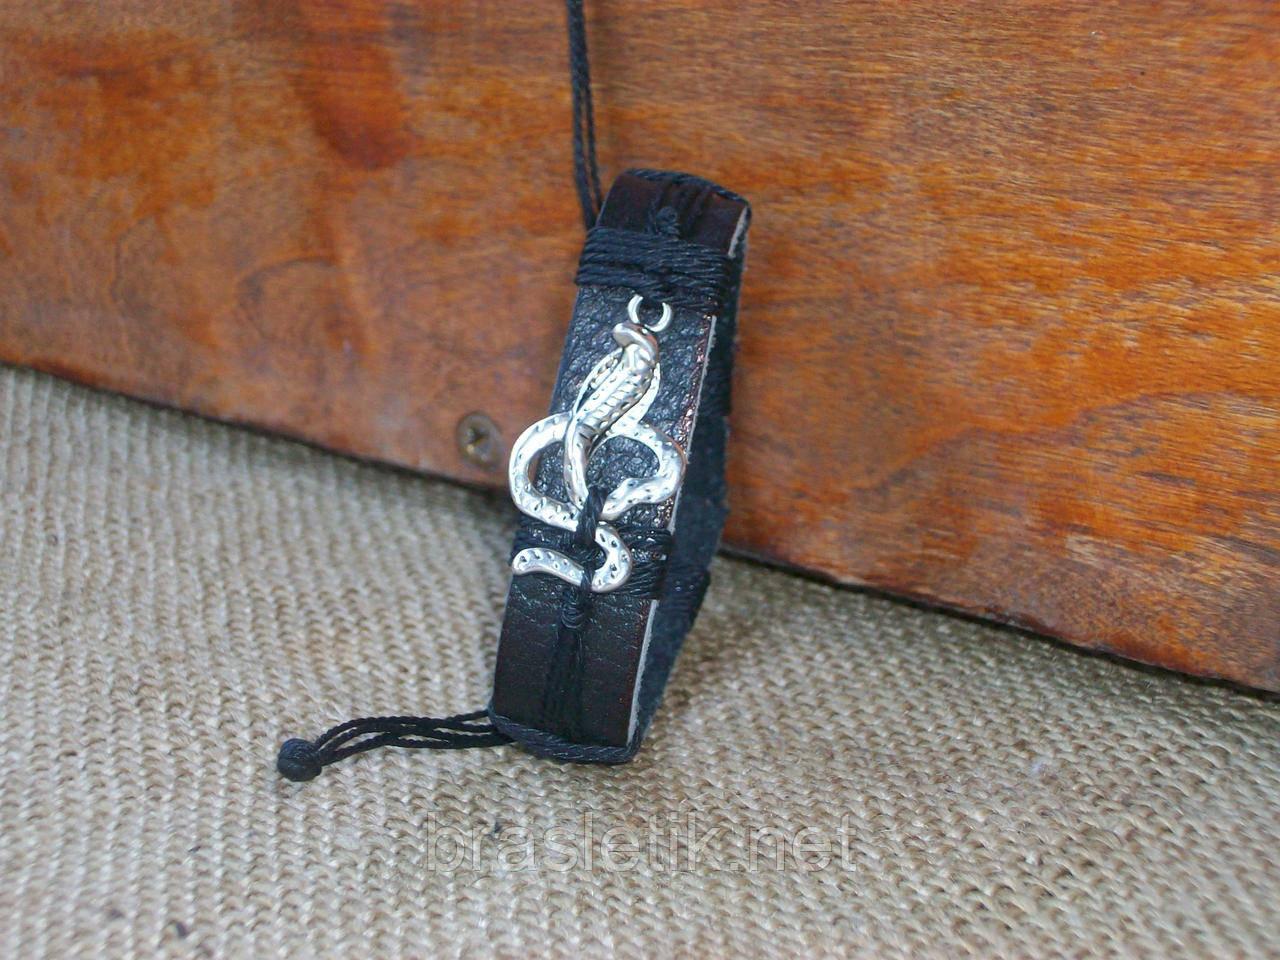 """Черный кожаный браслет ЗМЕЯ, ручная работа - интернет-магазин """"БРАСЛЕТКА - КОНФЕТКА"""" в Мариуполе"""